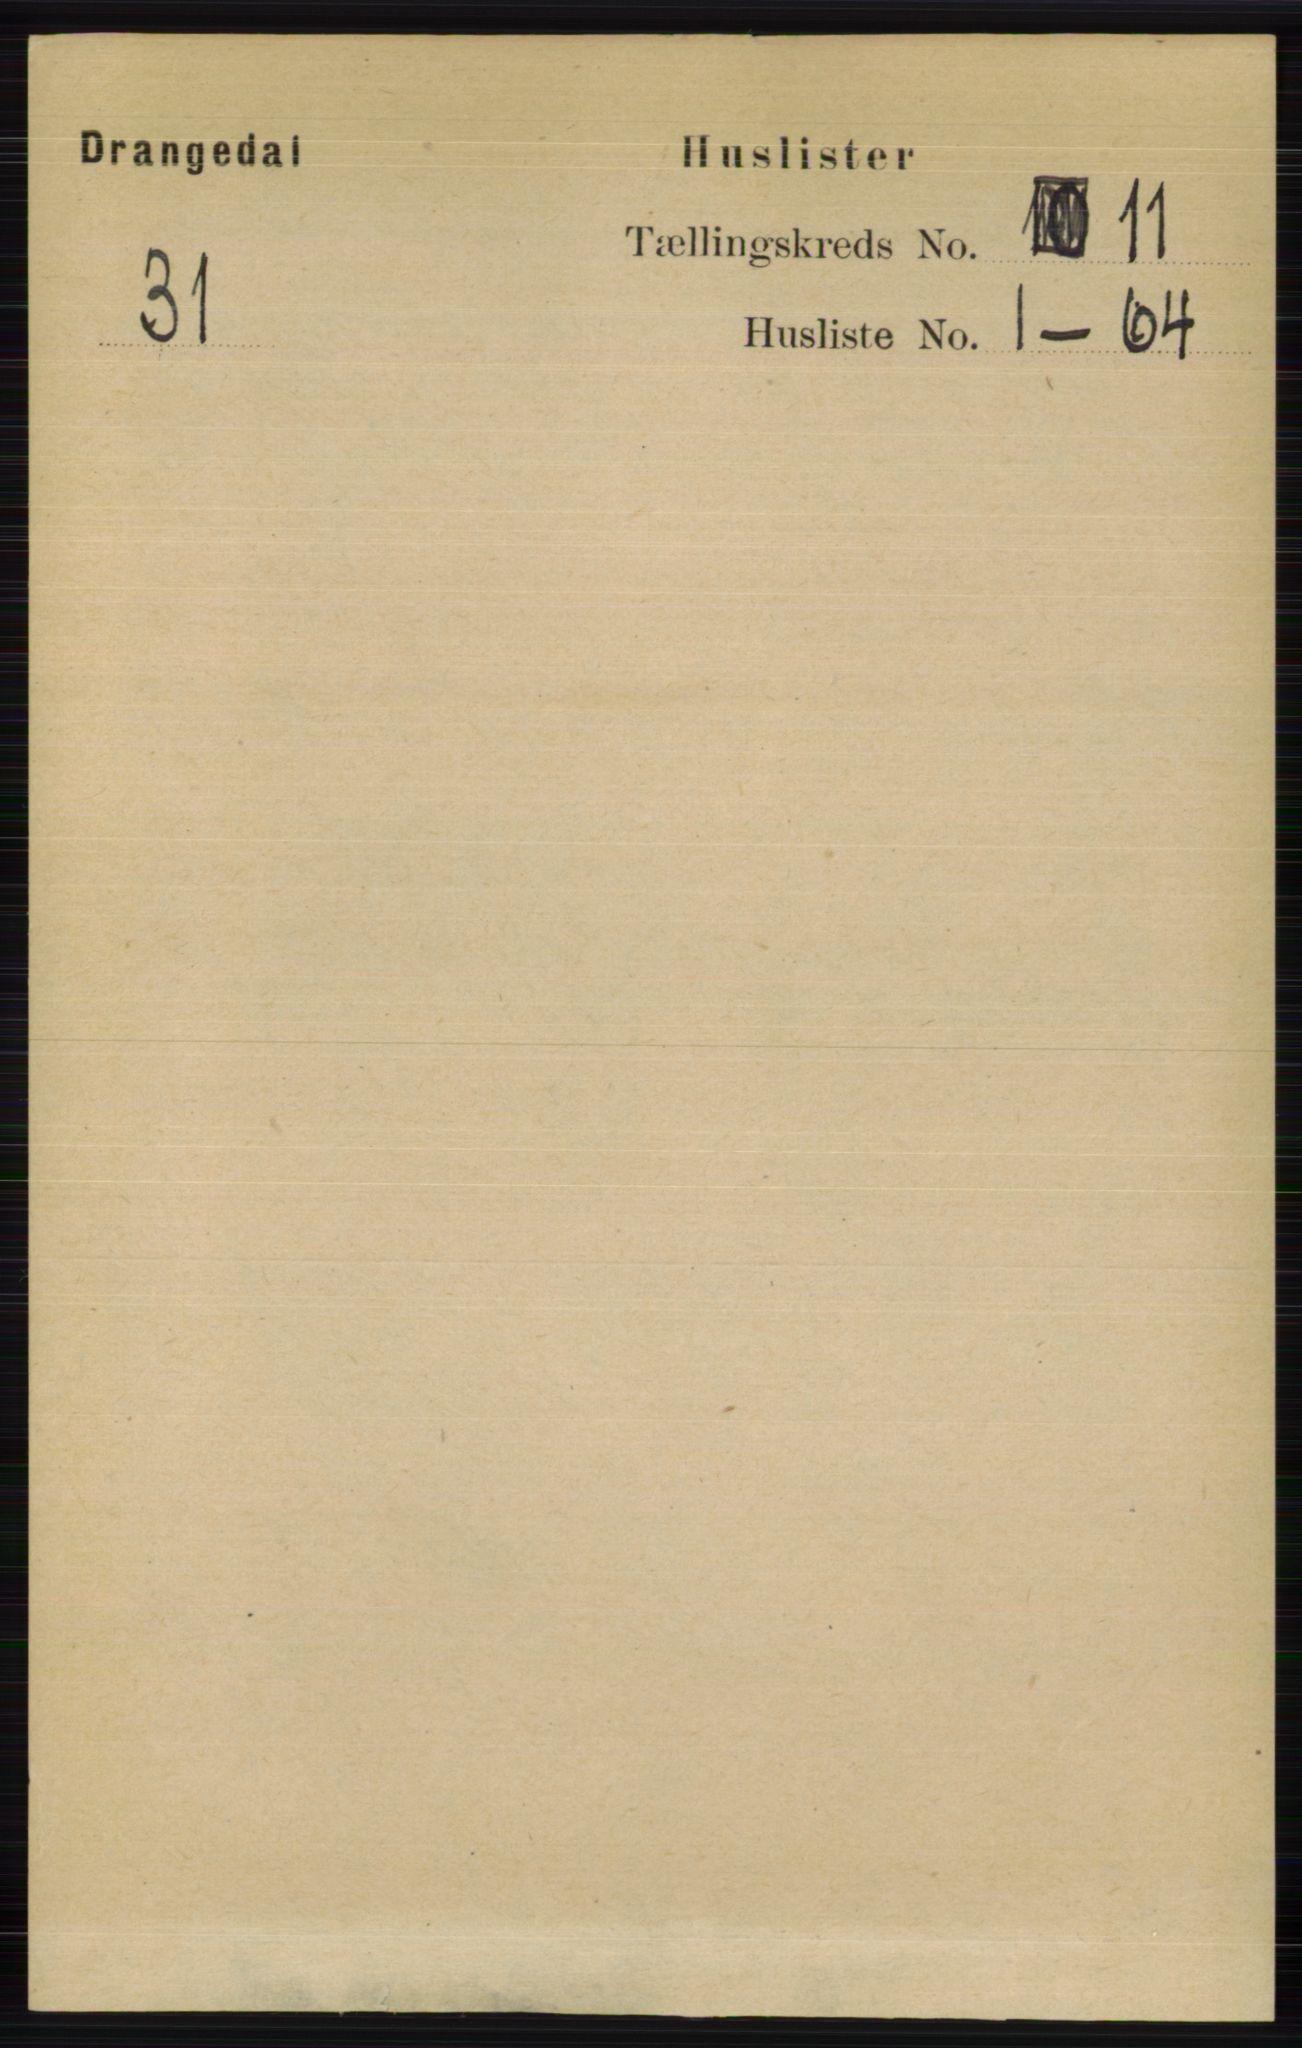 RA, Folketelling 1891 for 0817 Drangedal herred, 1891, s. 3842